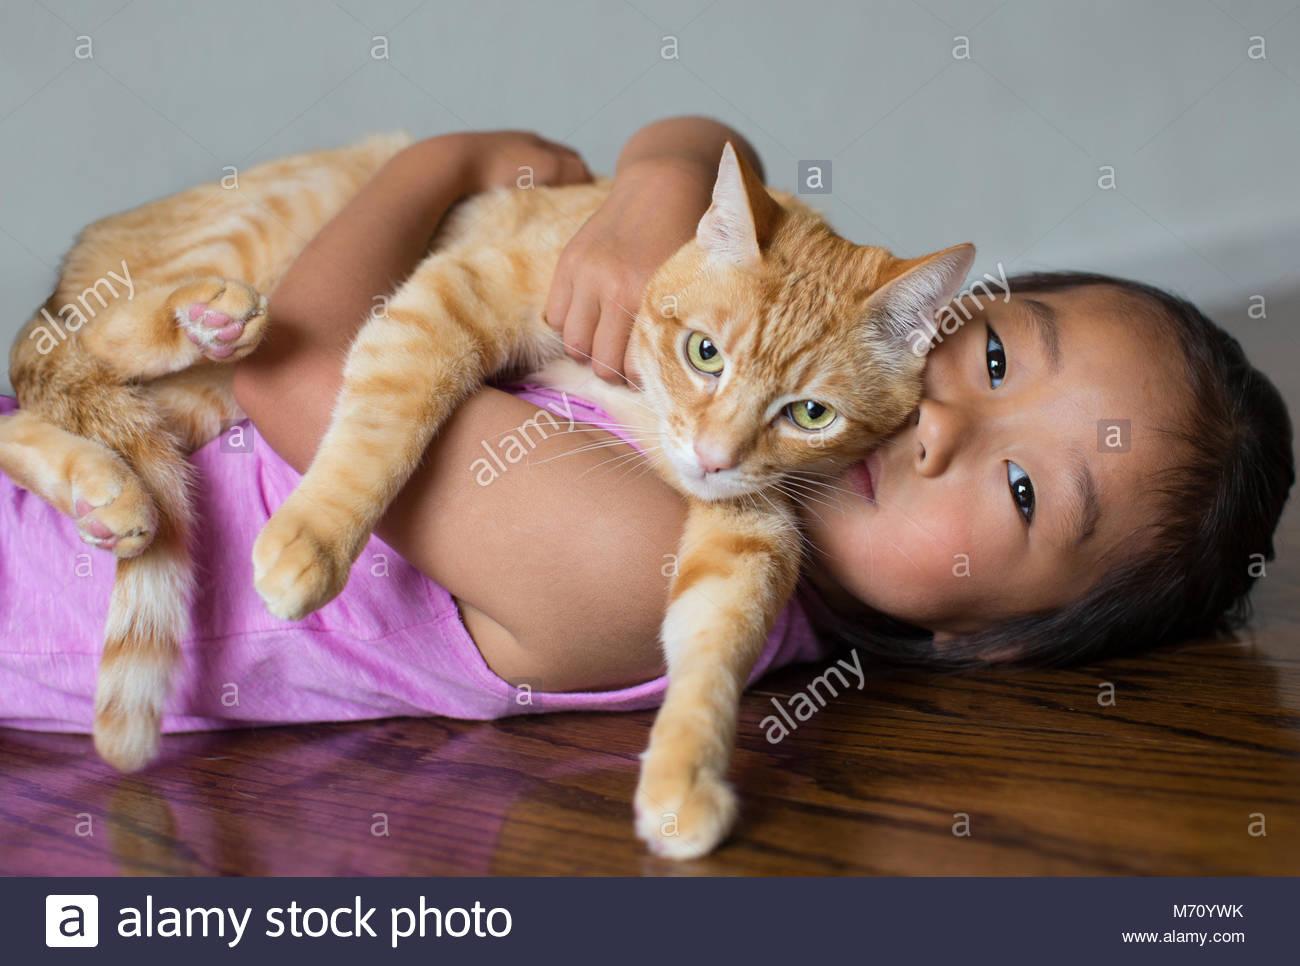 Junge asiatische Mädchen liegt auf Holz Stock Holding eine orange tabby Katze auf ihre Brust und Suchen in Stockbild